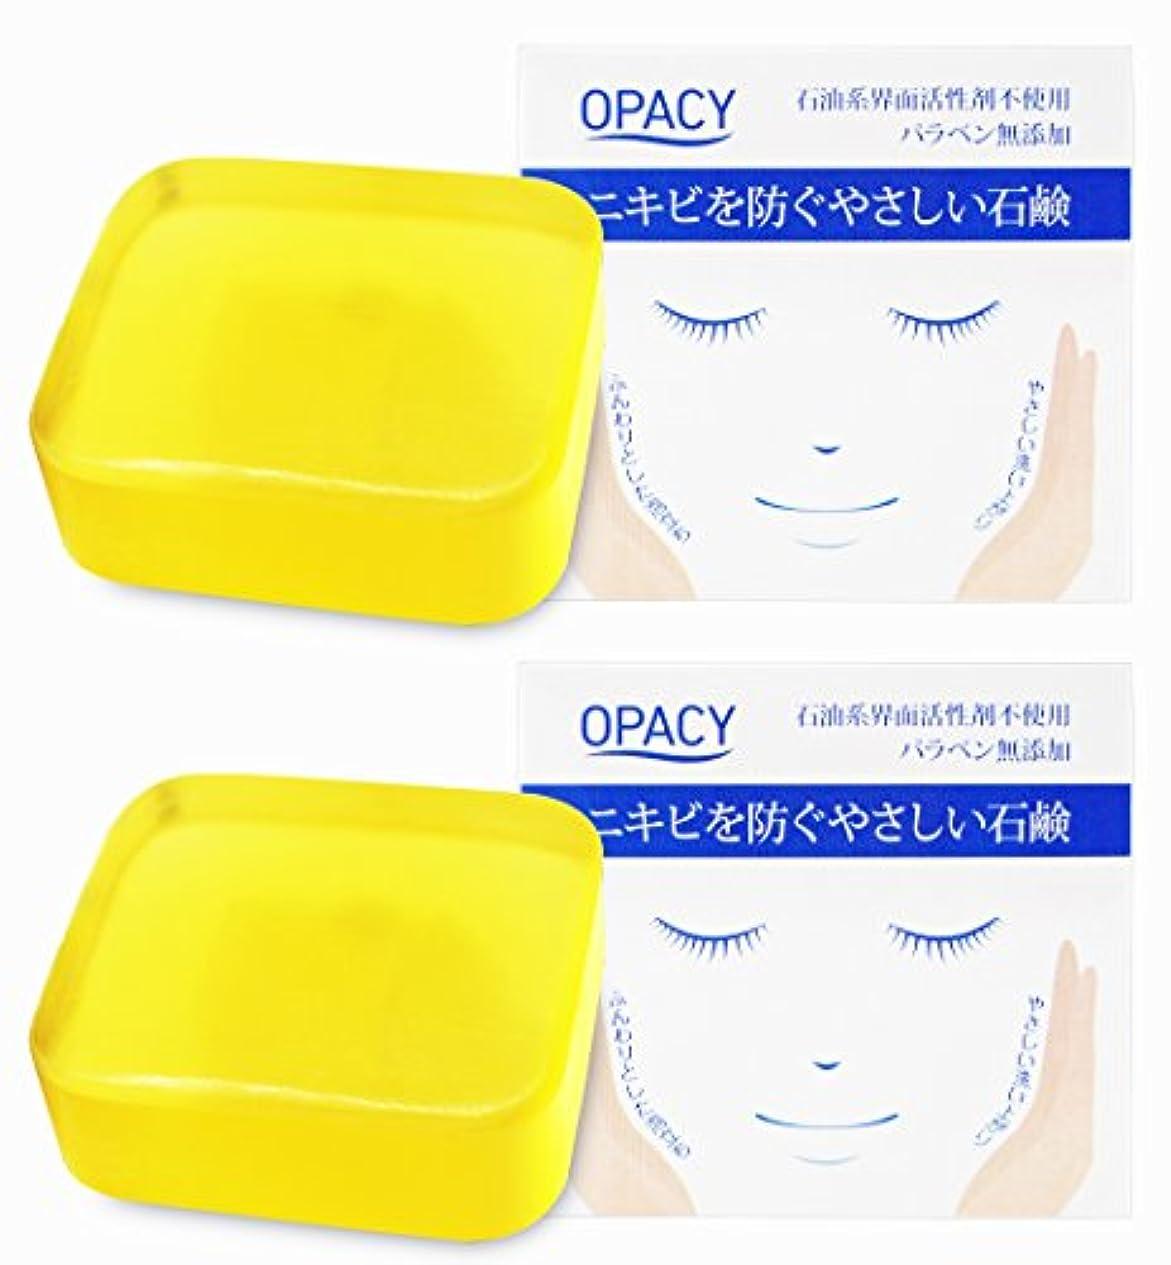 車レビュアー負荷【2個セット】オパシー石鹸100g (2個)